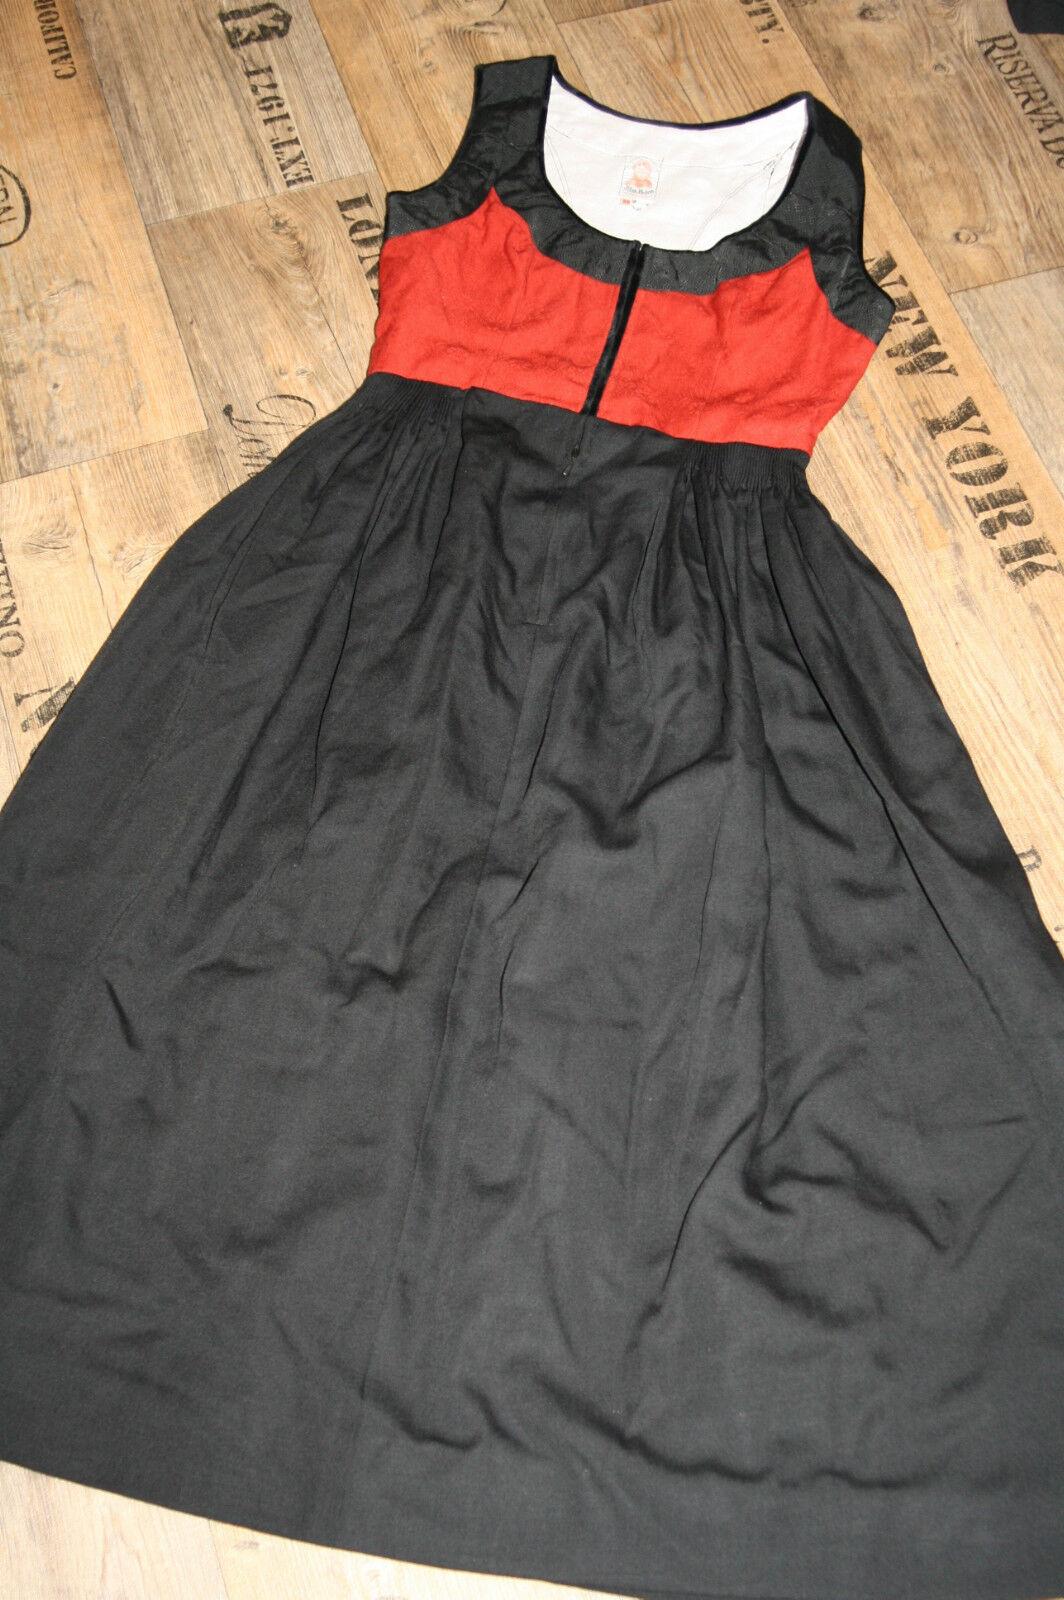 N 101 @ Dirndl @ Miederdirndl @ @ @ Trachtenkleid @ 60th- 70th Vibtage-Dress @ 36-38 | Online Store  | Praktisch Und Wirtschaftlich  | Genial  dea16d